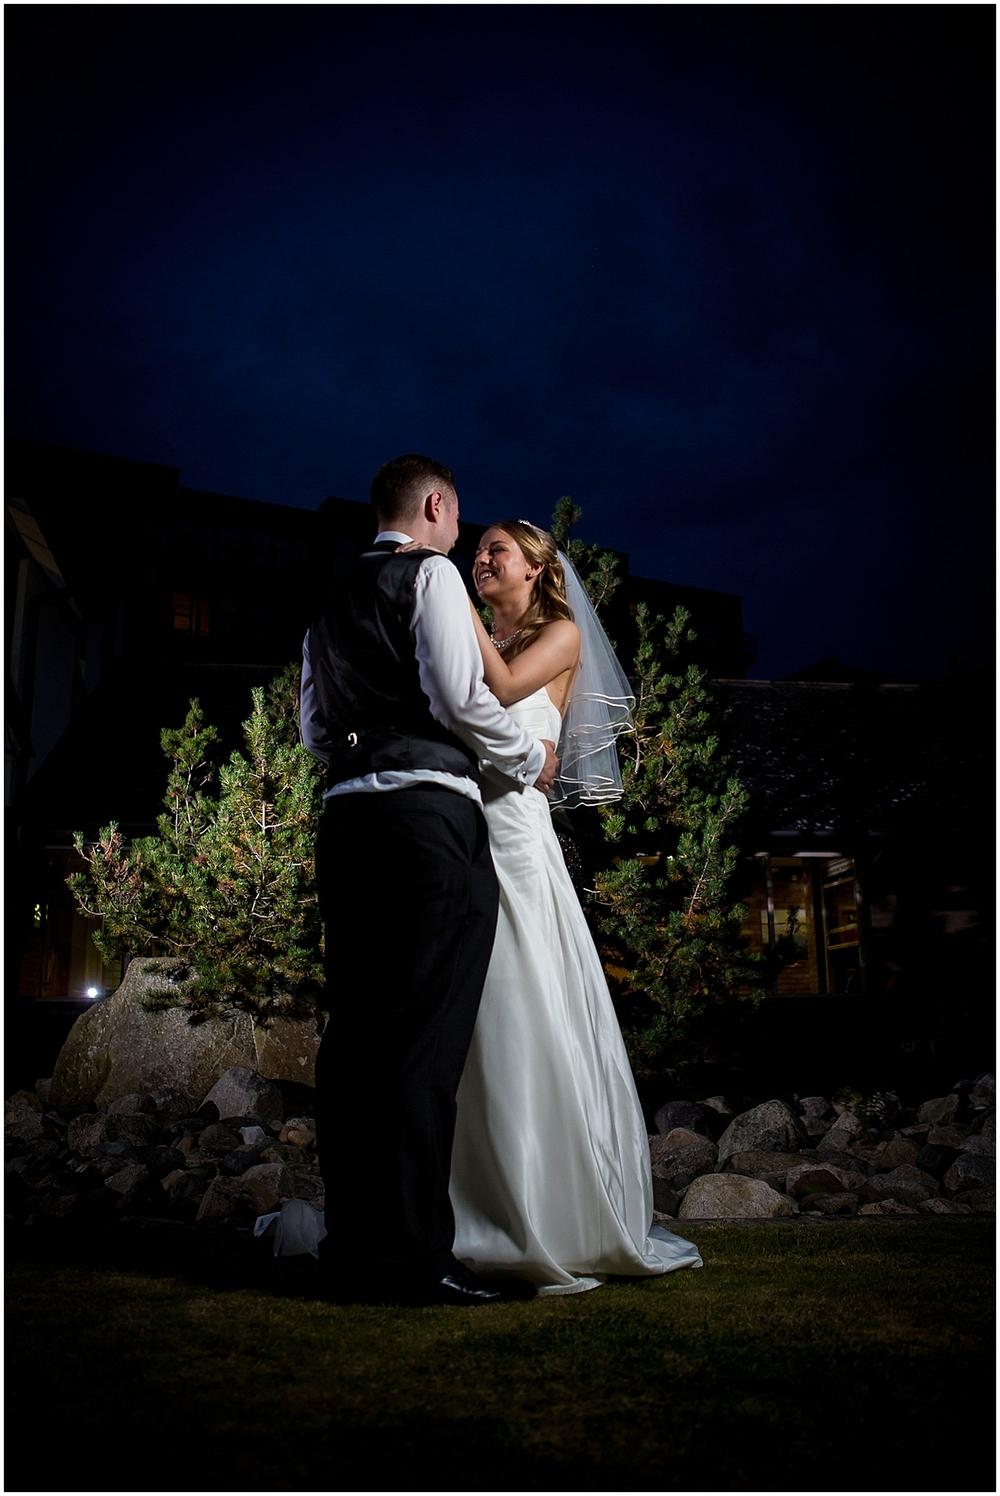 Gorgeous nighttime wedding photo - Sheffield Wedding Photography